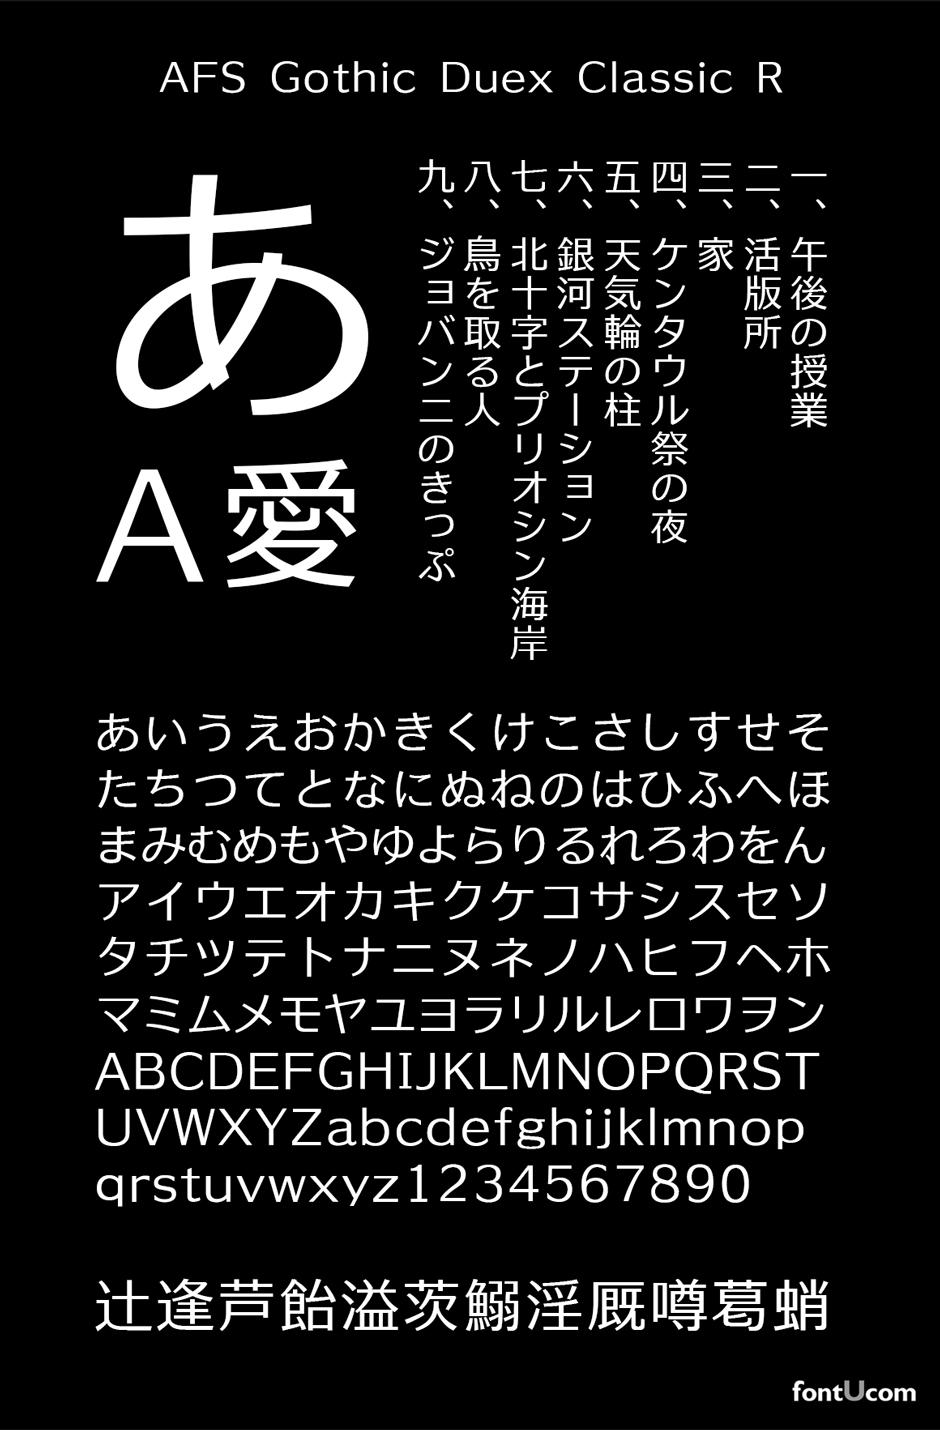 AFS GothicDuex Classic R